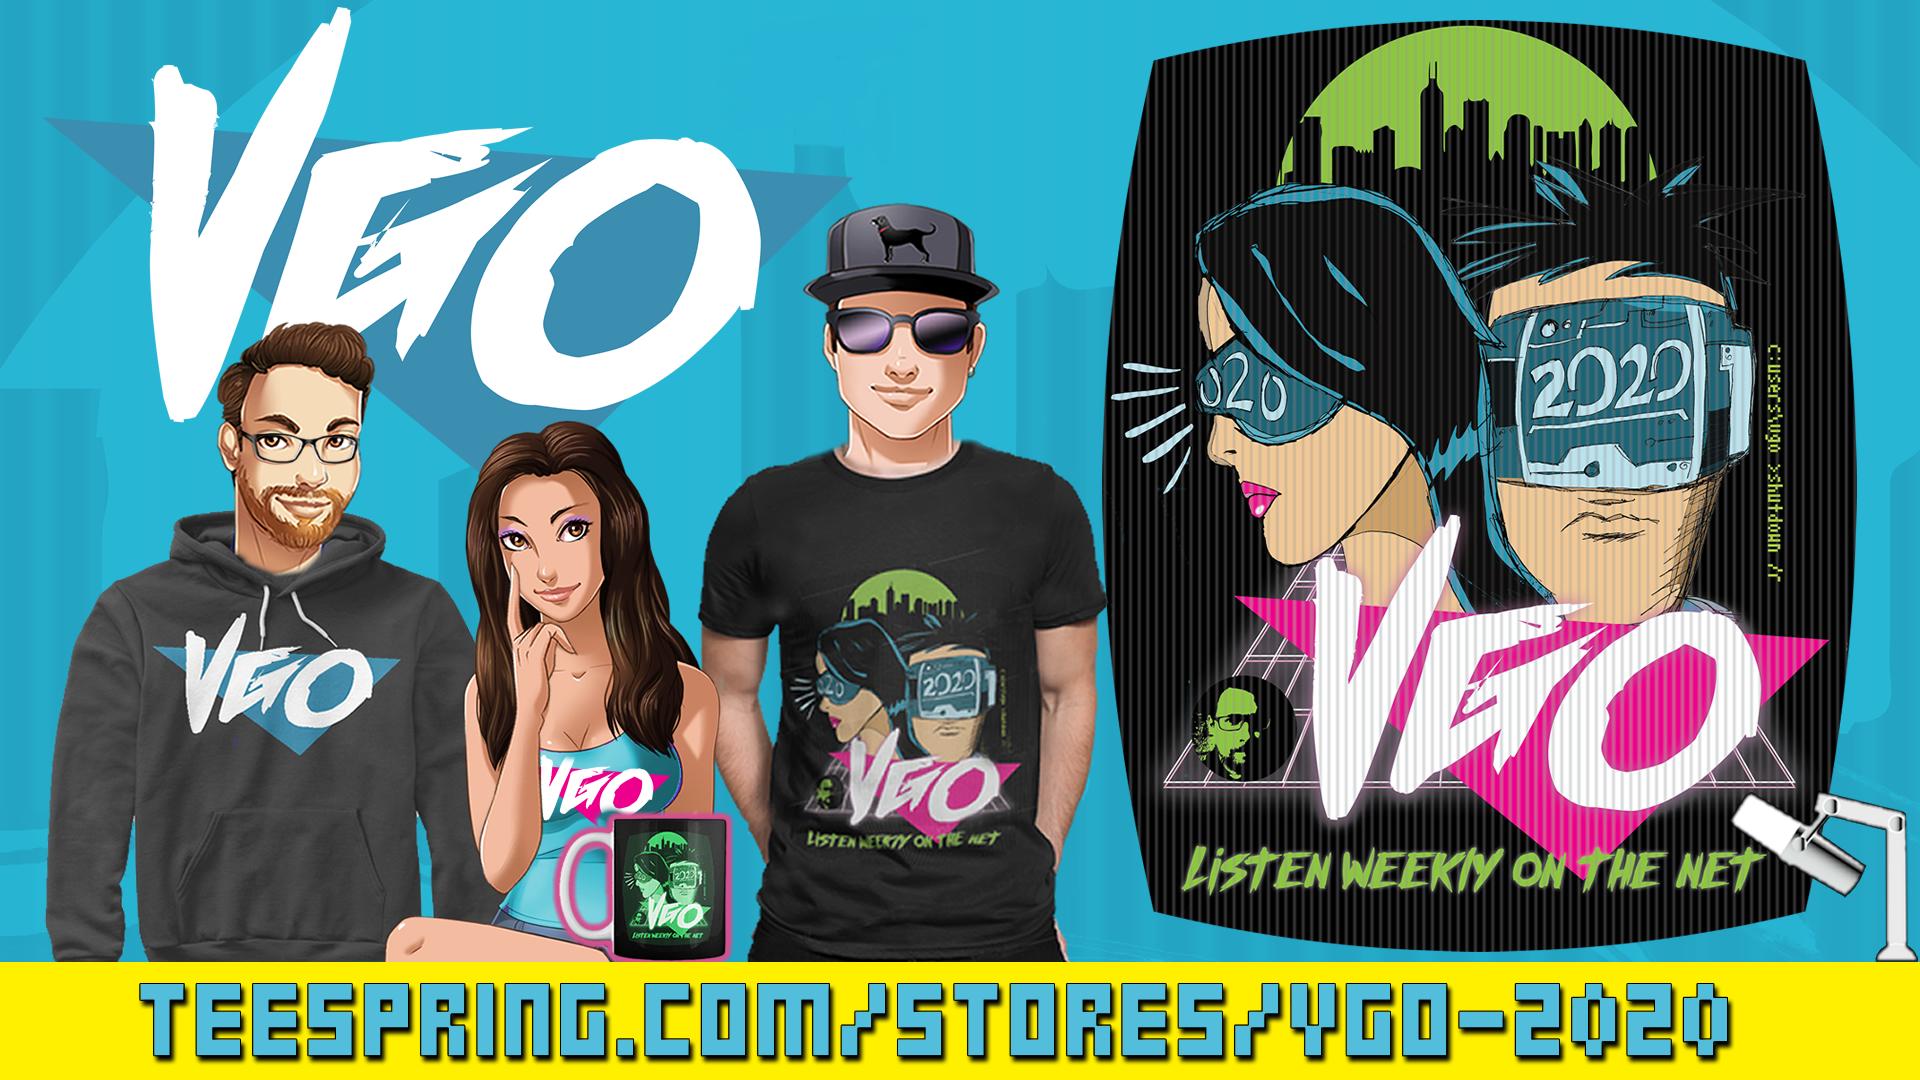 VGO 2020 Shop NOW OPEN!